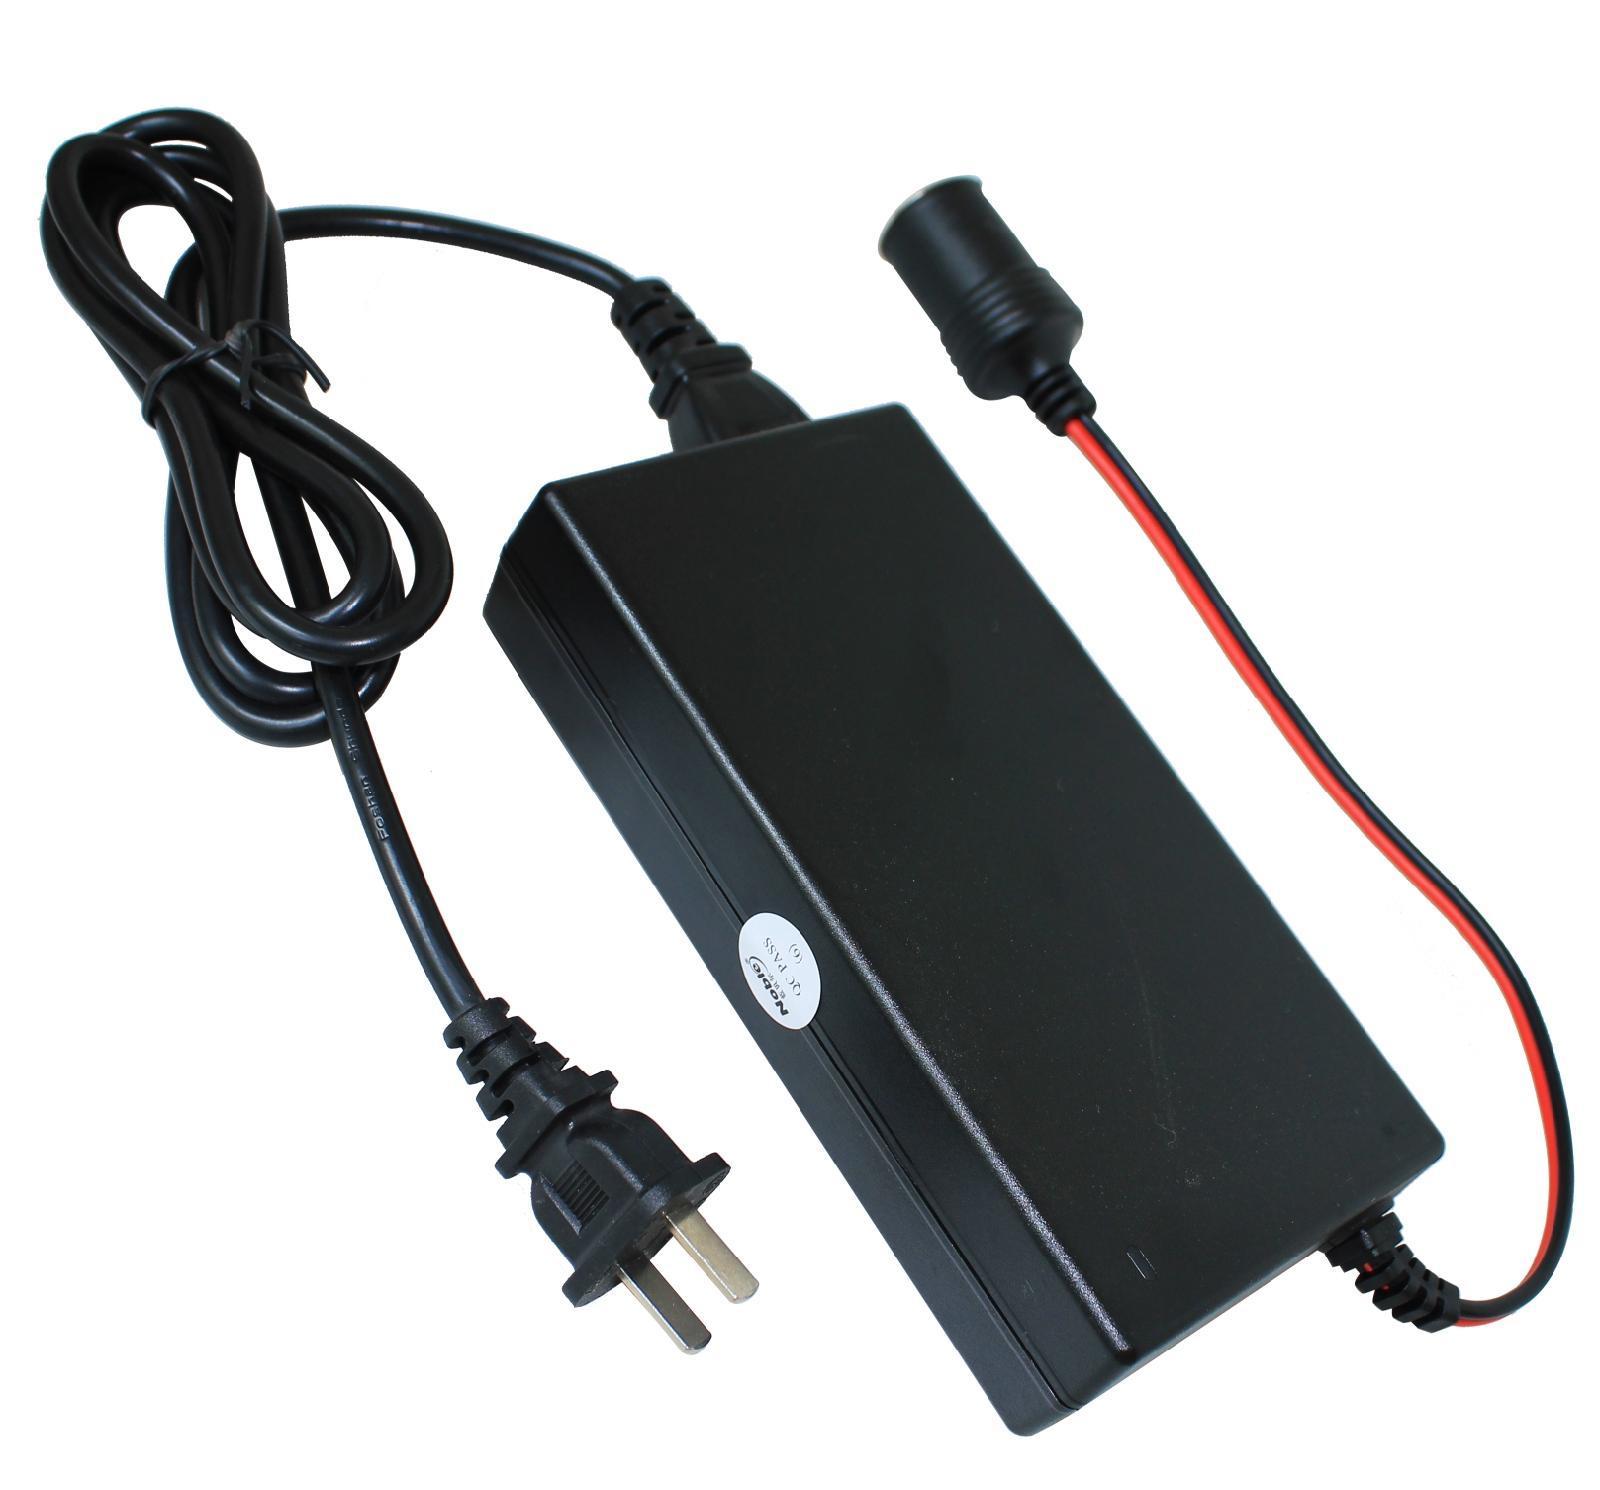 蓝贝尔电源适配器 电源转换器 逆变器 220v变12v 大功率逆变器